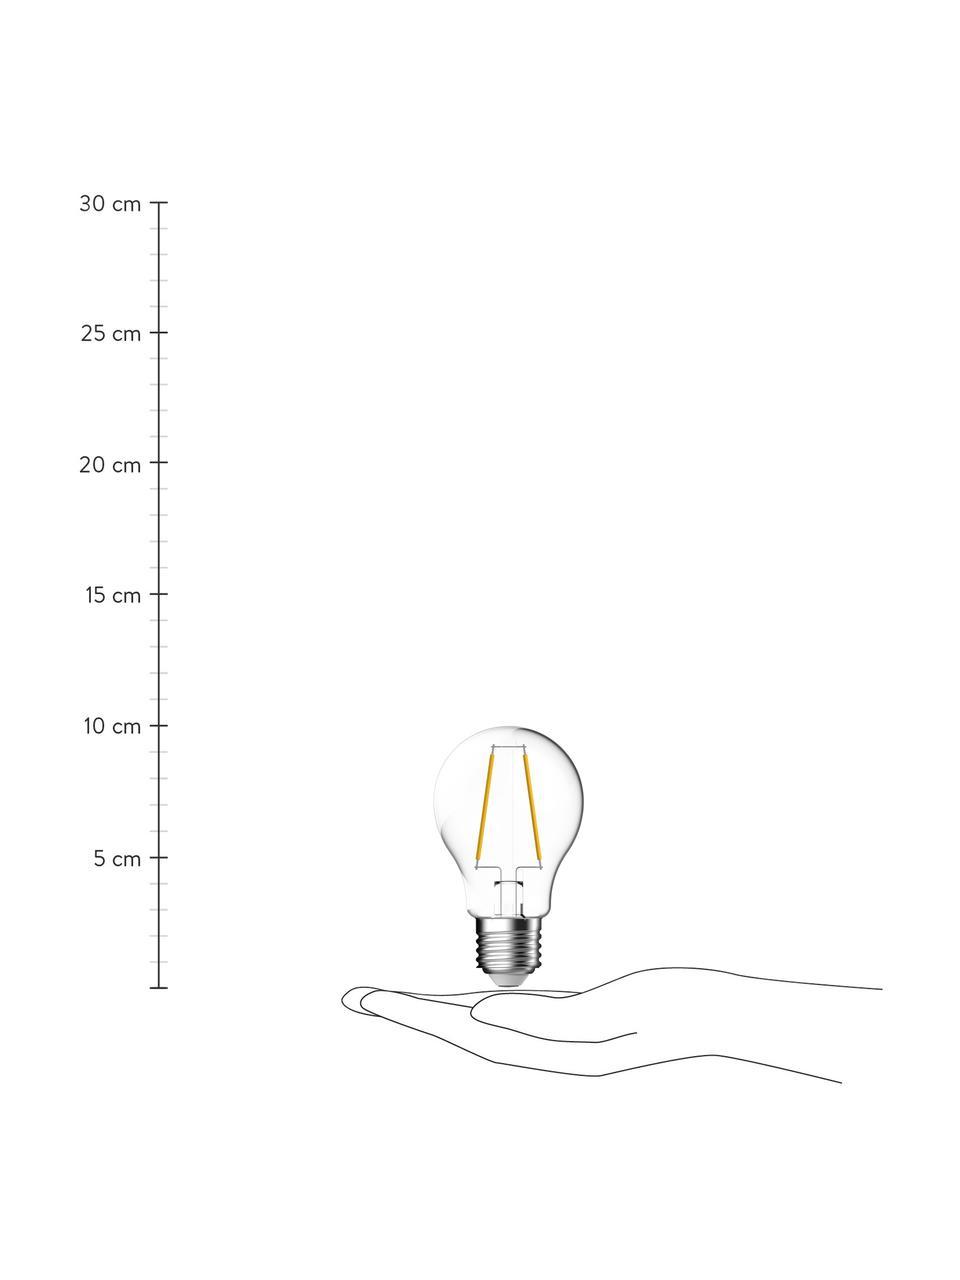 Żarówka E27/470 lm, ciepła biel, 1 szt., Transparentny, Ø 6 x W 10 cm